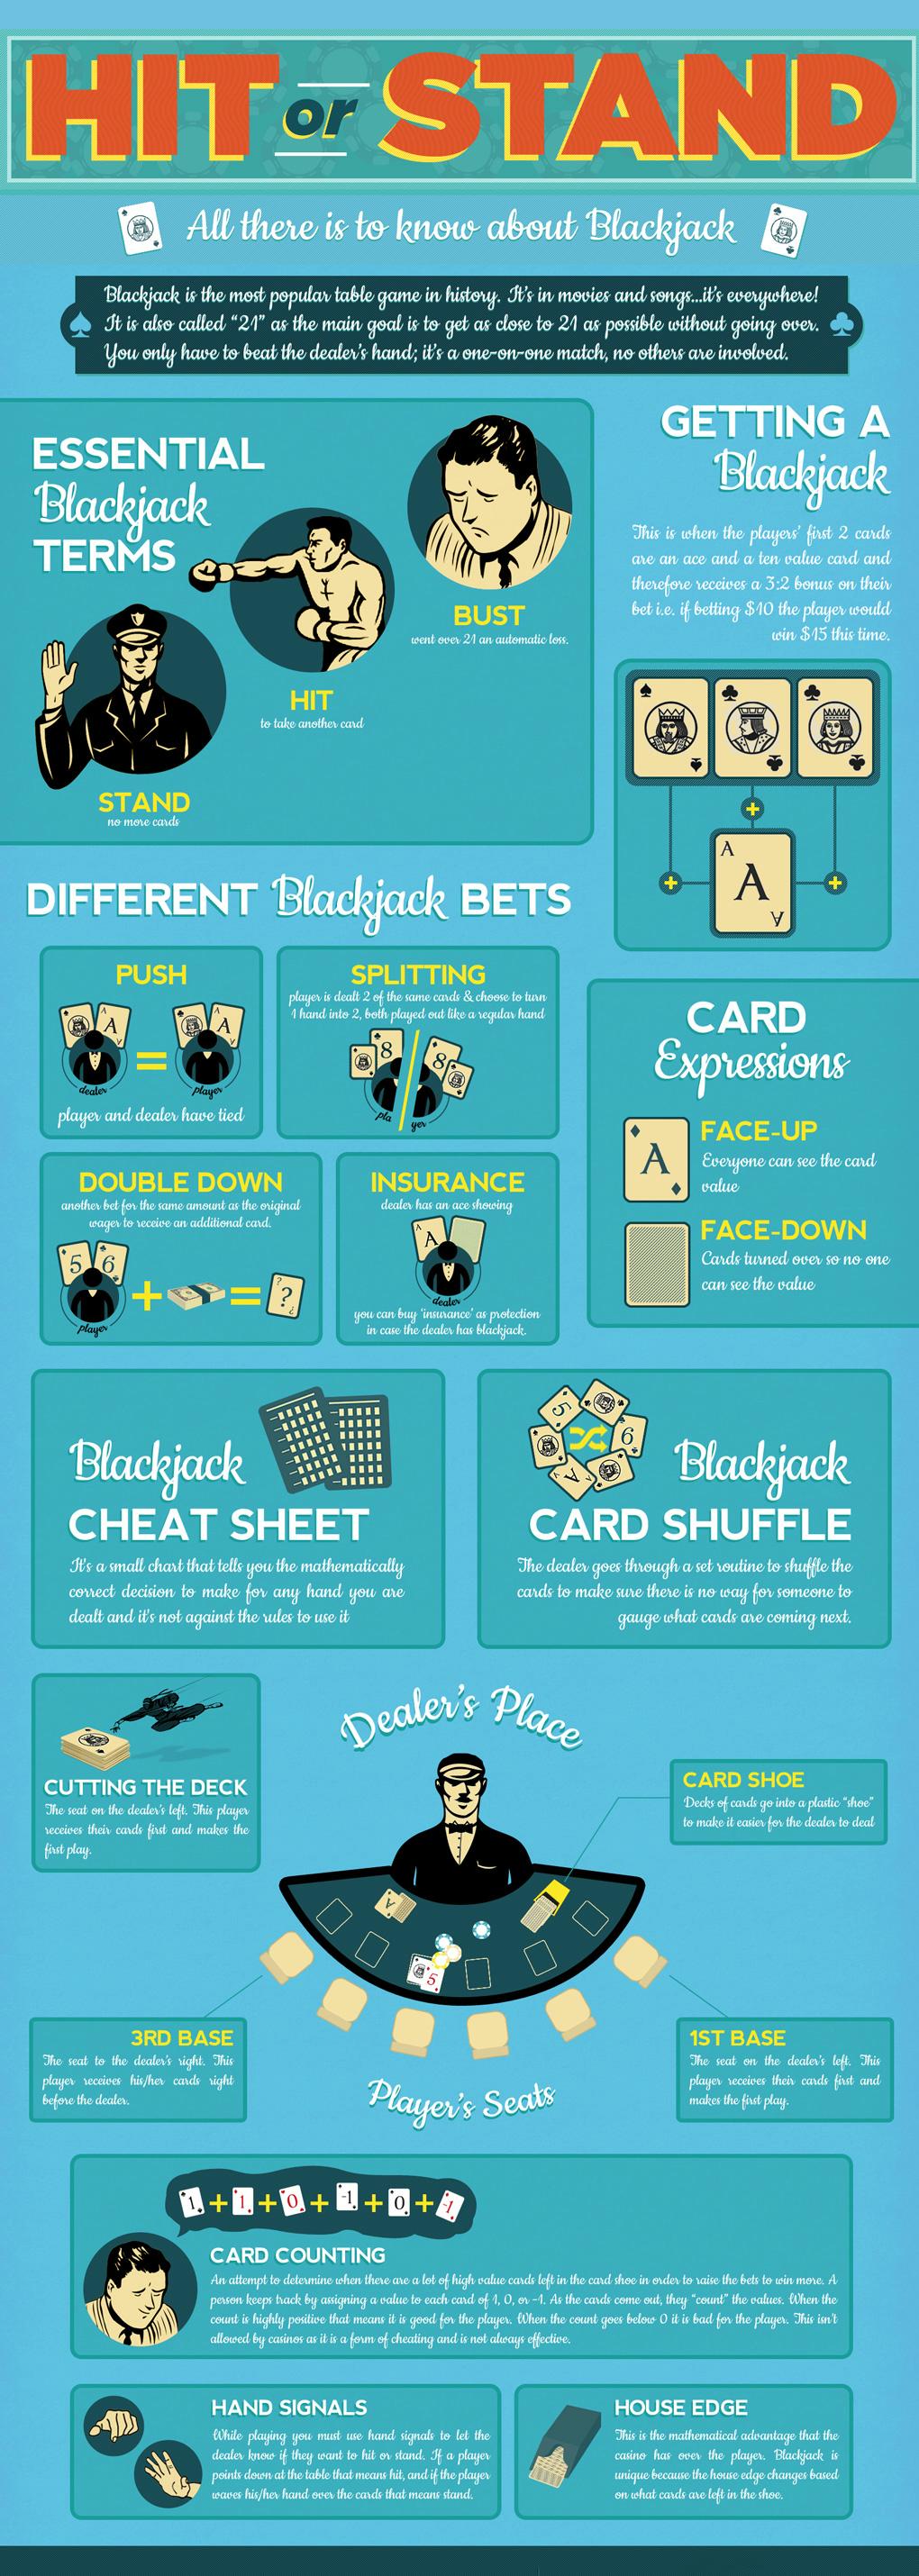 Forbedre #Blackjack strategi og øke din sjanse til å vinne . Lær mer@ http://goo.gl/bA8A6C  #onlinecasino #casino #casinogames #NorskCasinoguide #Norge